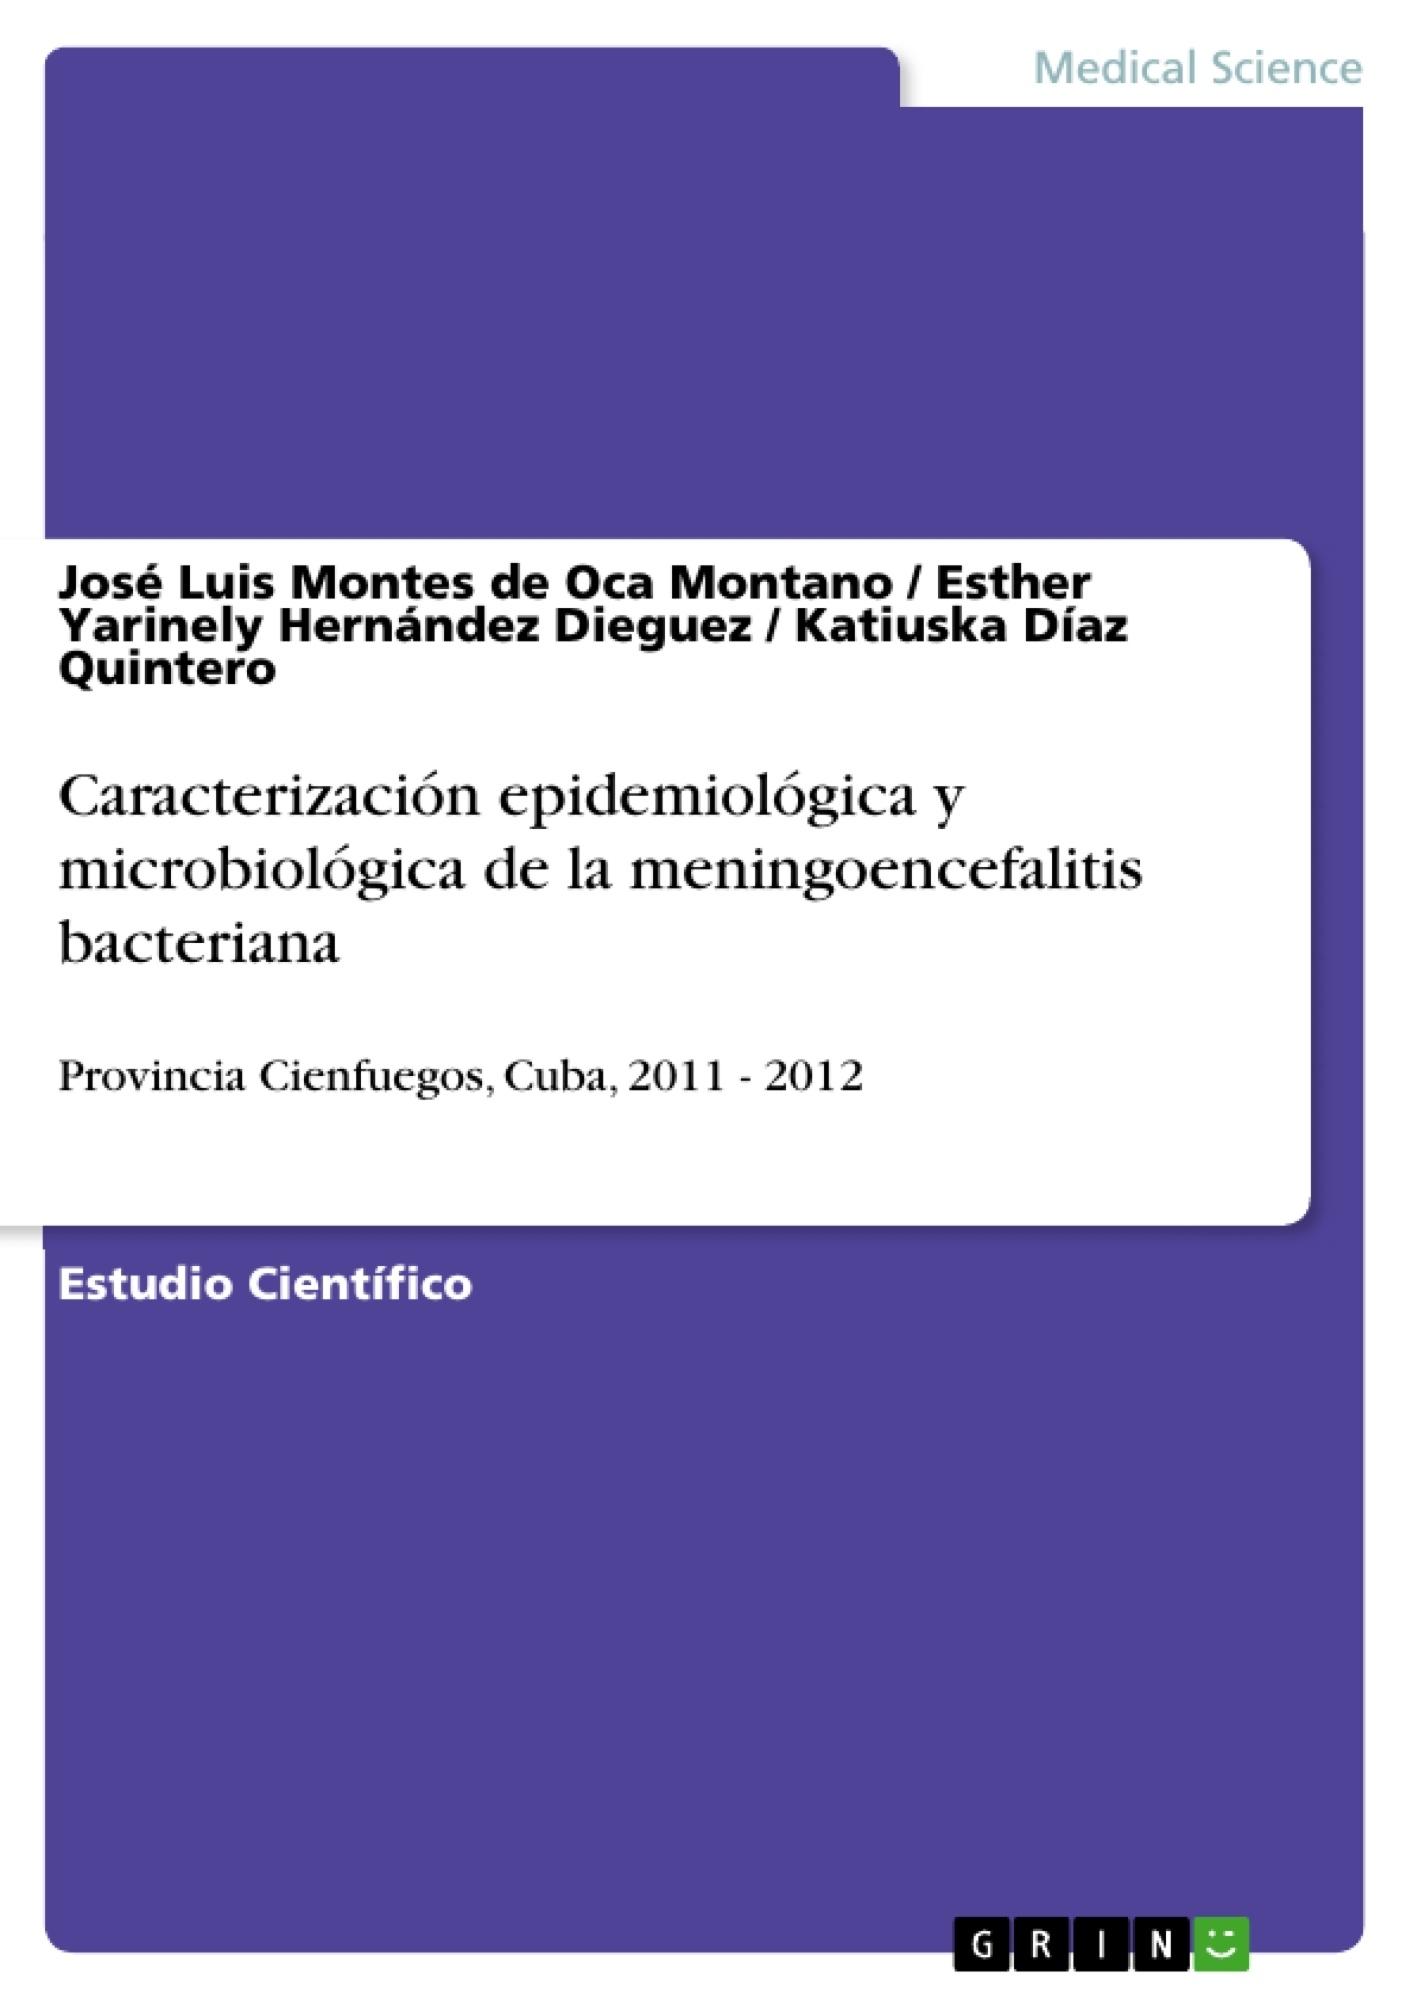 Título: Caracterización epidemiológica y microbiológica de la meningoencefalitis bacteriana